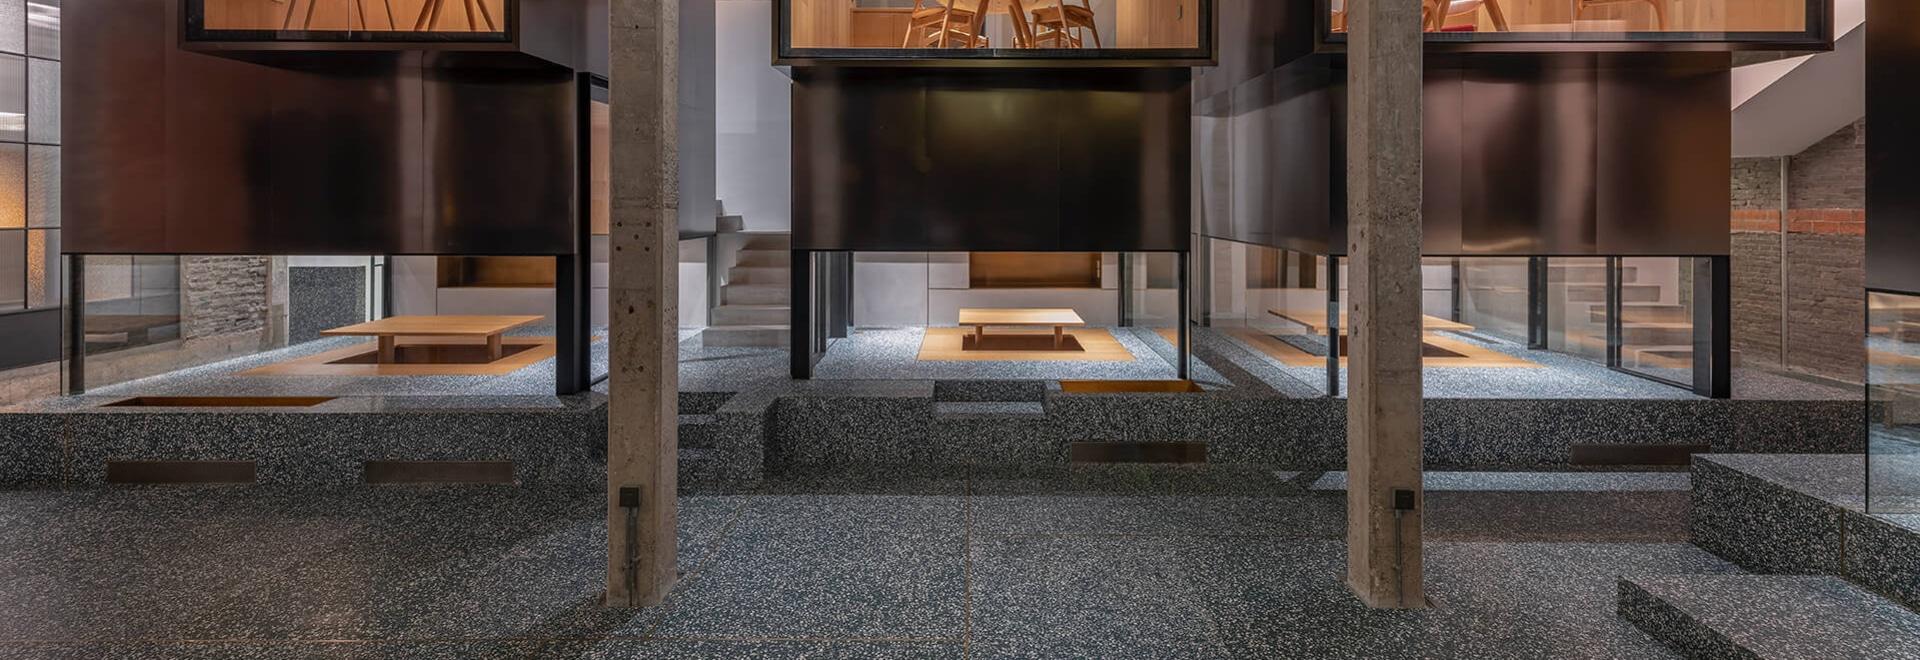 Ce salon de thé a été conçu avec les salles privées élevées